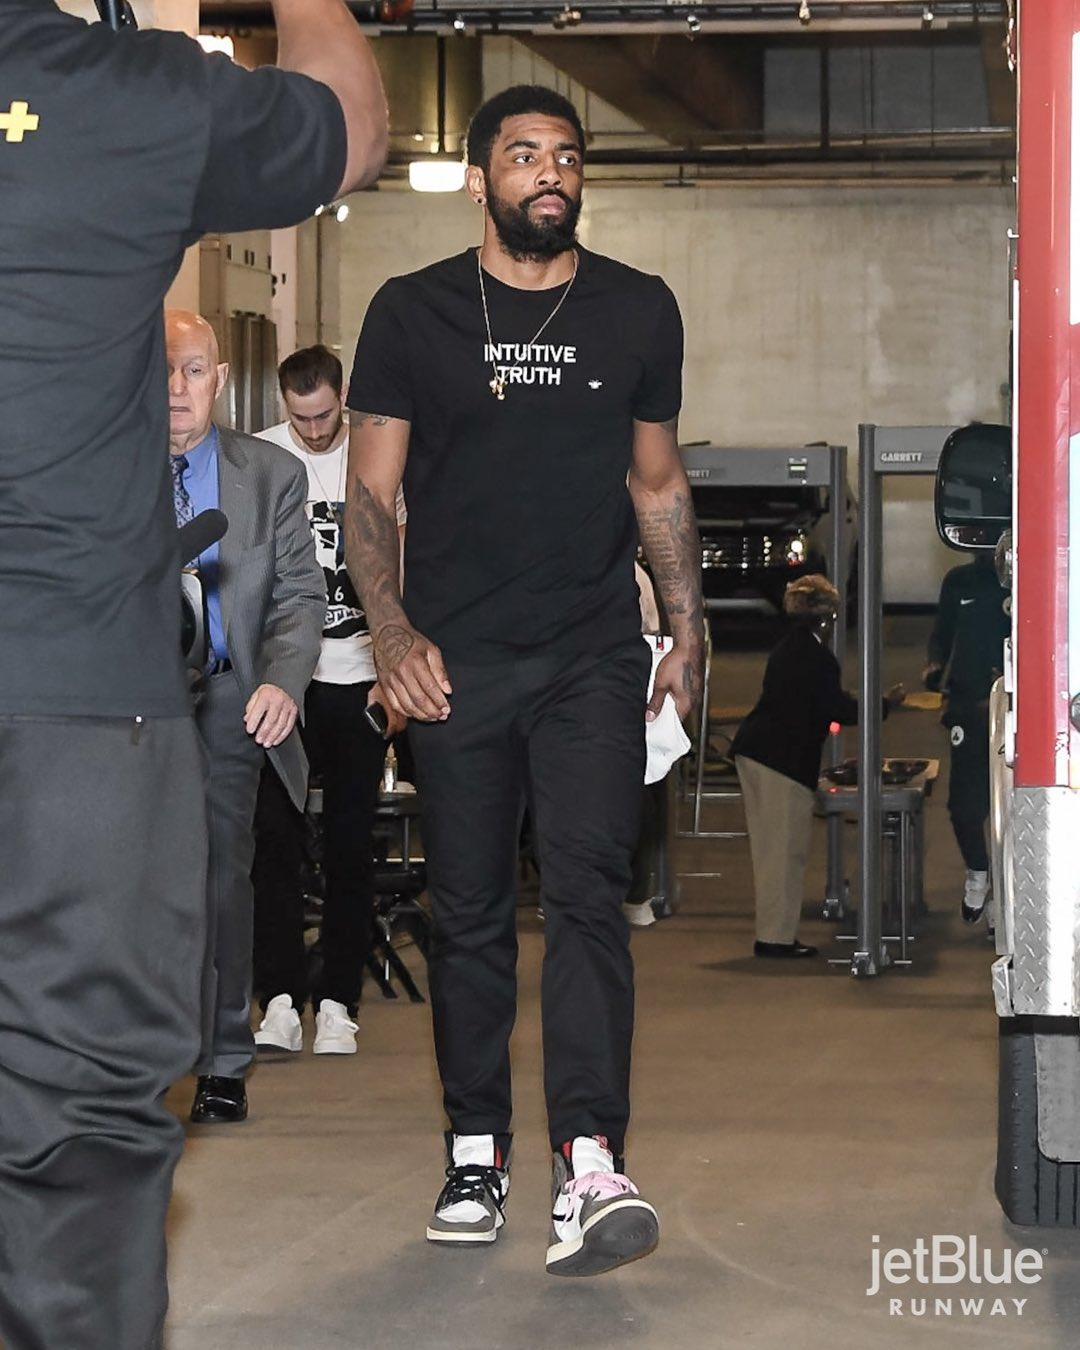 カイリーアービングも履いているのか…かっこいい^_^ NBA選手やチームのTw